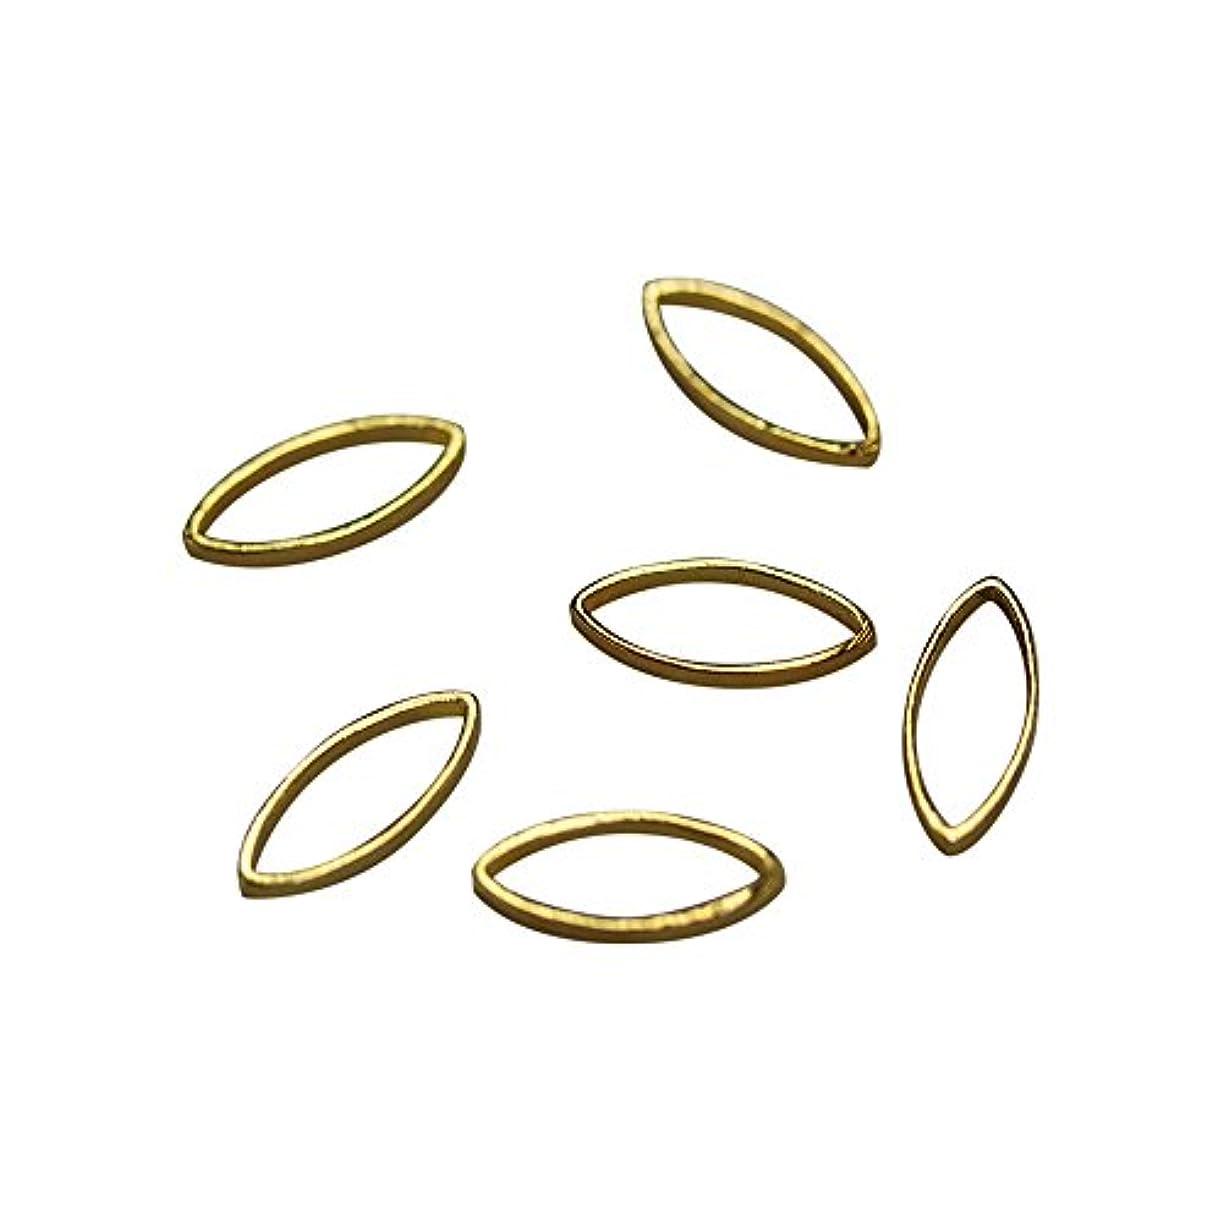 降臨ボードなだめるBonnail×RieNofuji Loop leaf S ゴールド